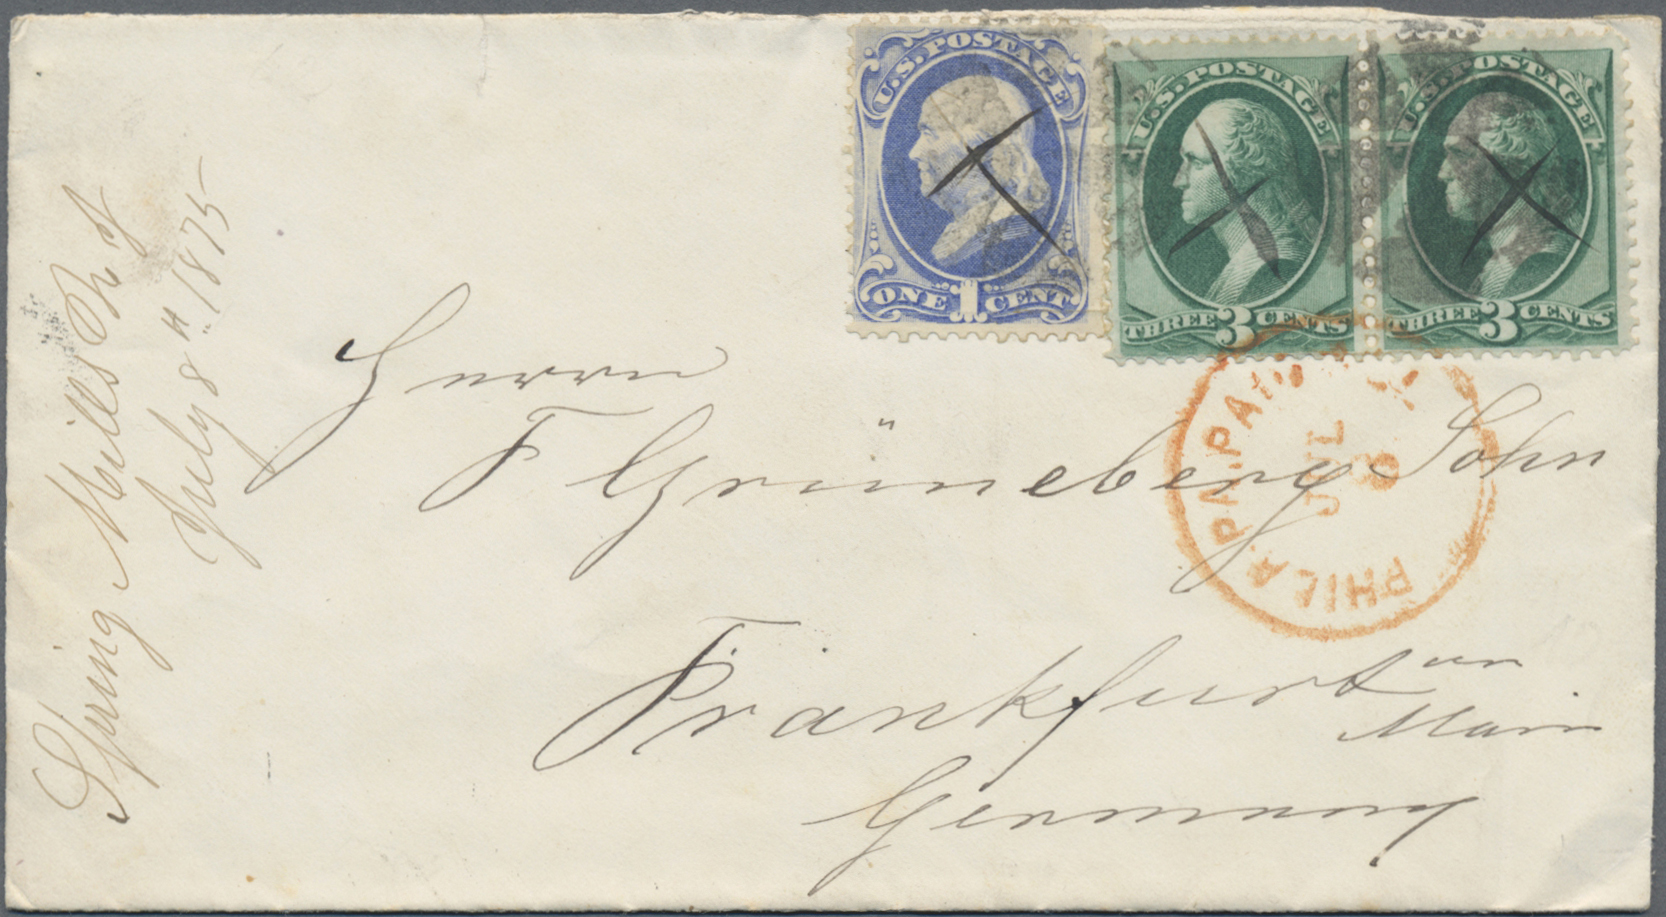 Lot 20152 - vereinigte staaten von amerika  -  Auktionshaus Christoph Gärtner GmbH & Co. KG Sale #47 Collections: Overseas, Thematics, Europe